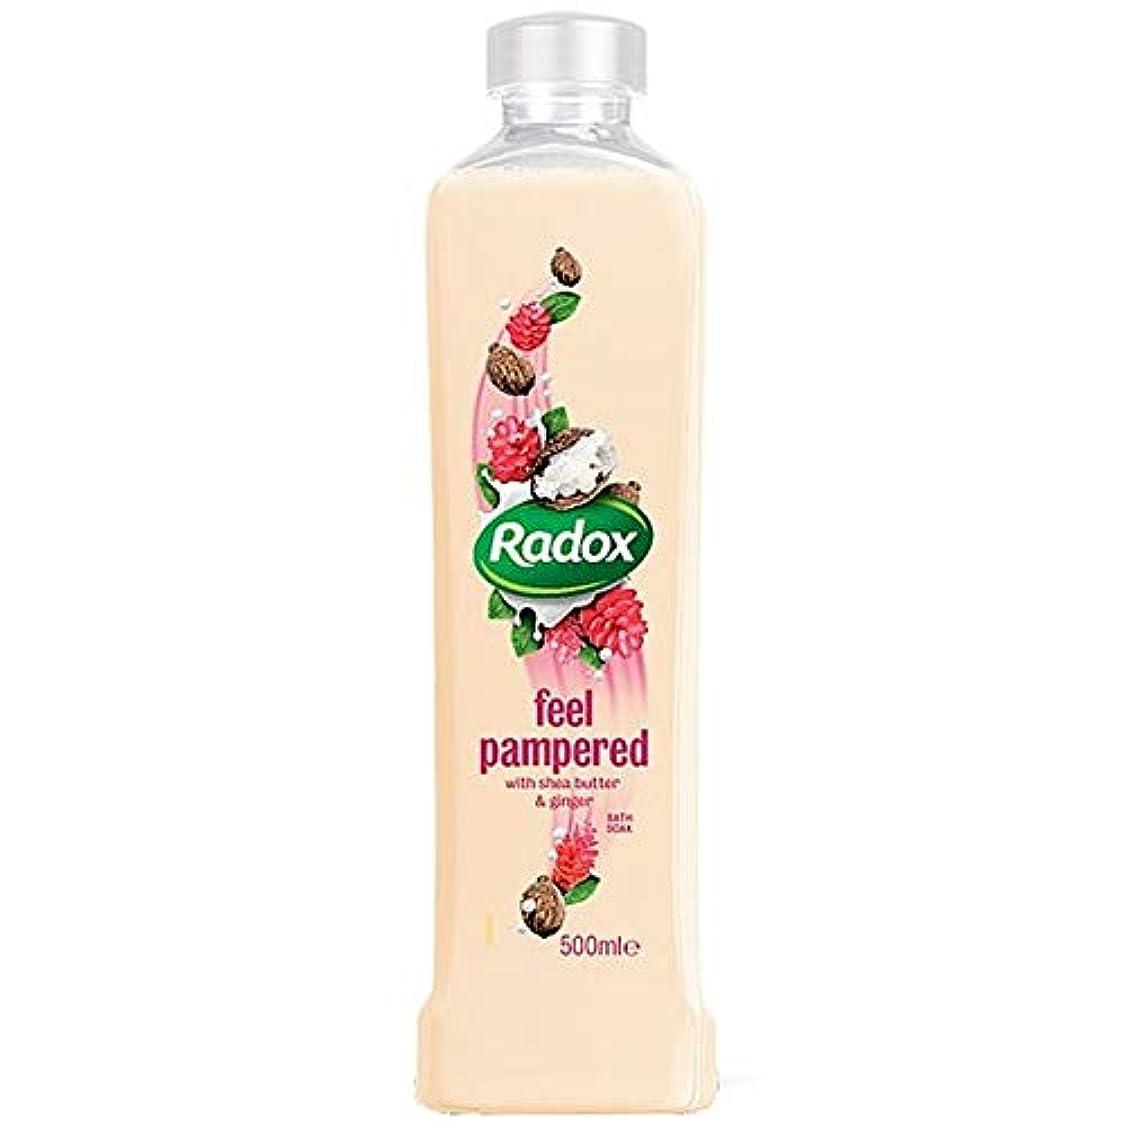 部屋を掃除する真空バラエティ[Radox] Radoxは、500ミリリットルのソーク甘やかさ風呂を感じます - Radox Feel Pampered Bath Soak 500Ml [並行輸入品]